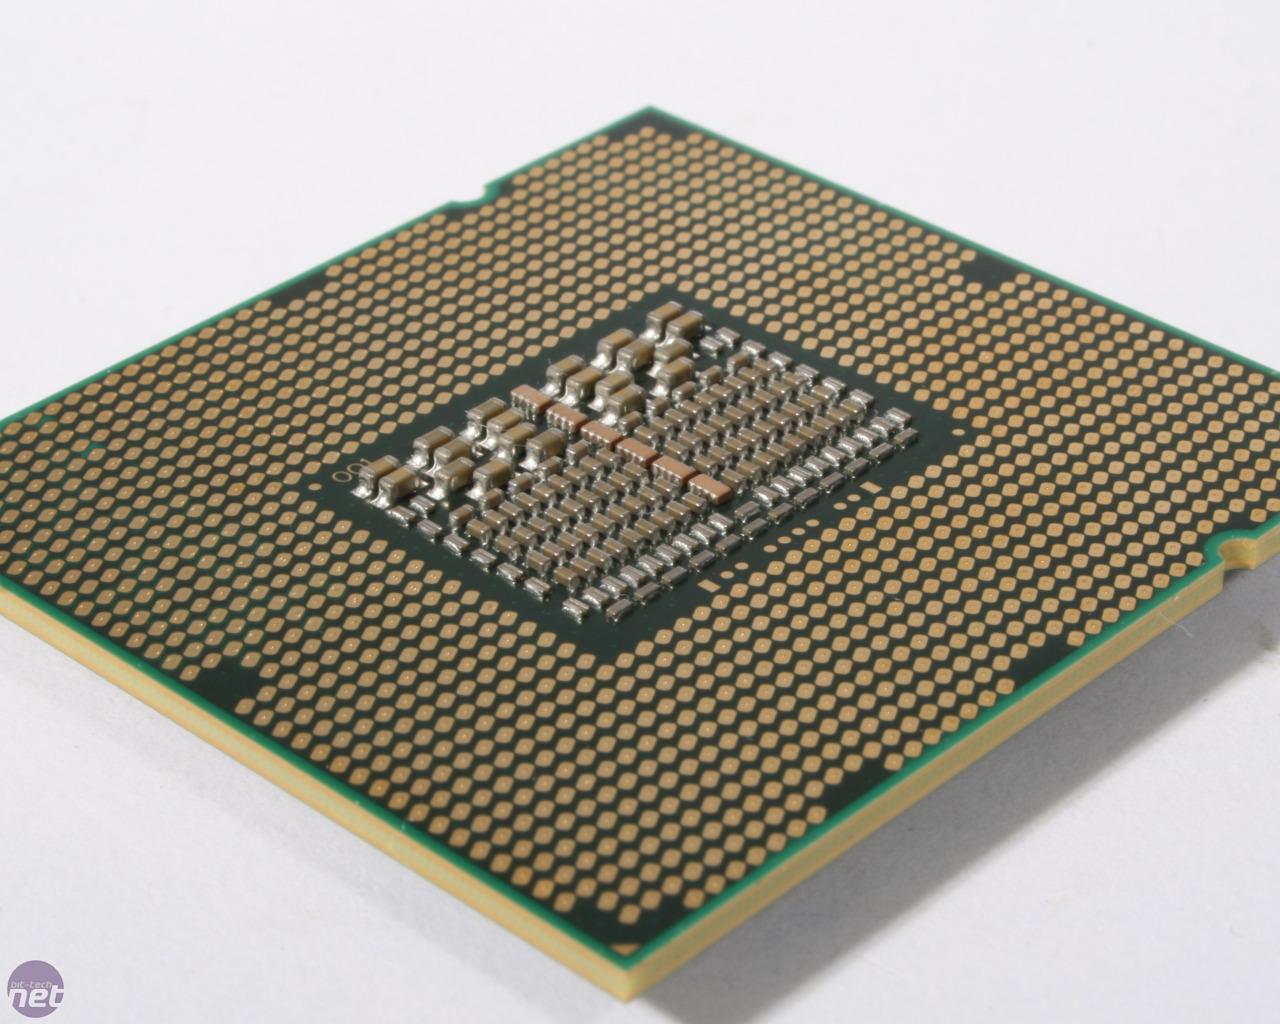 intel-core-i7-950-5-l